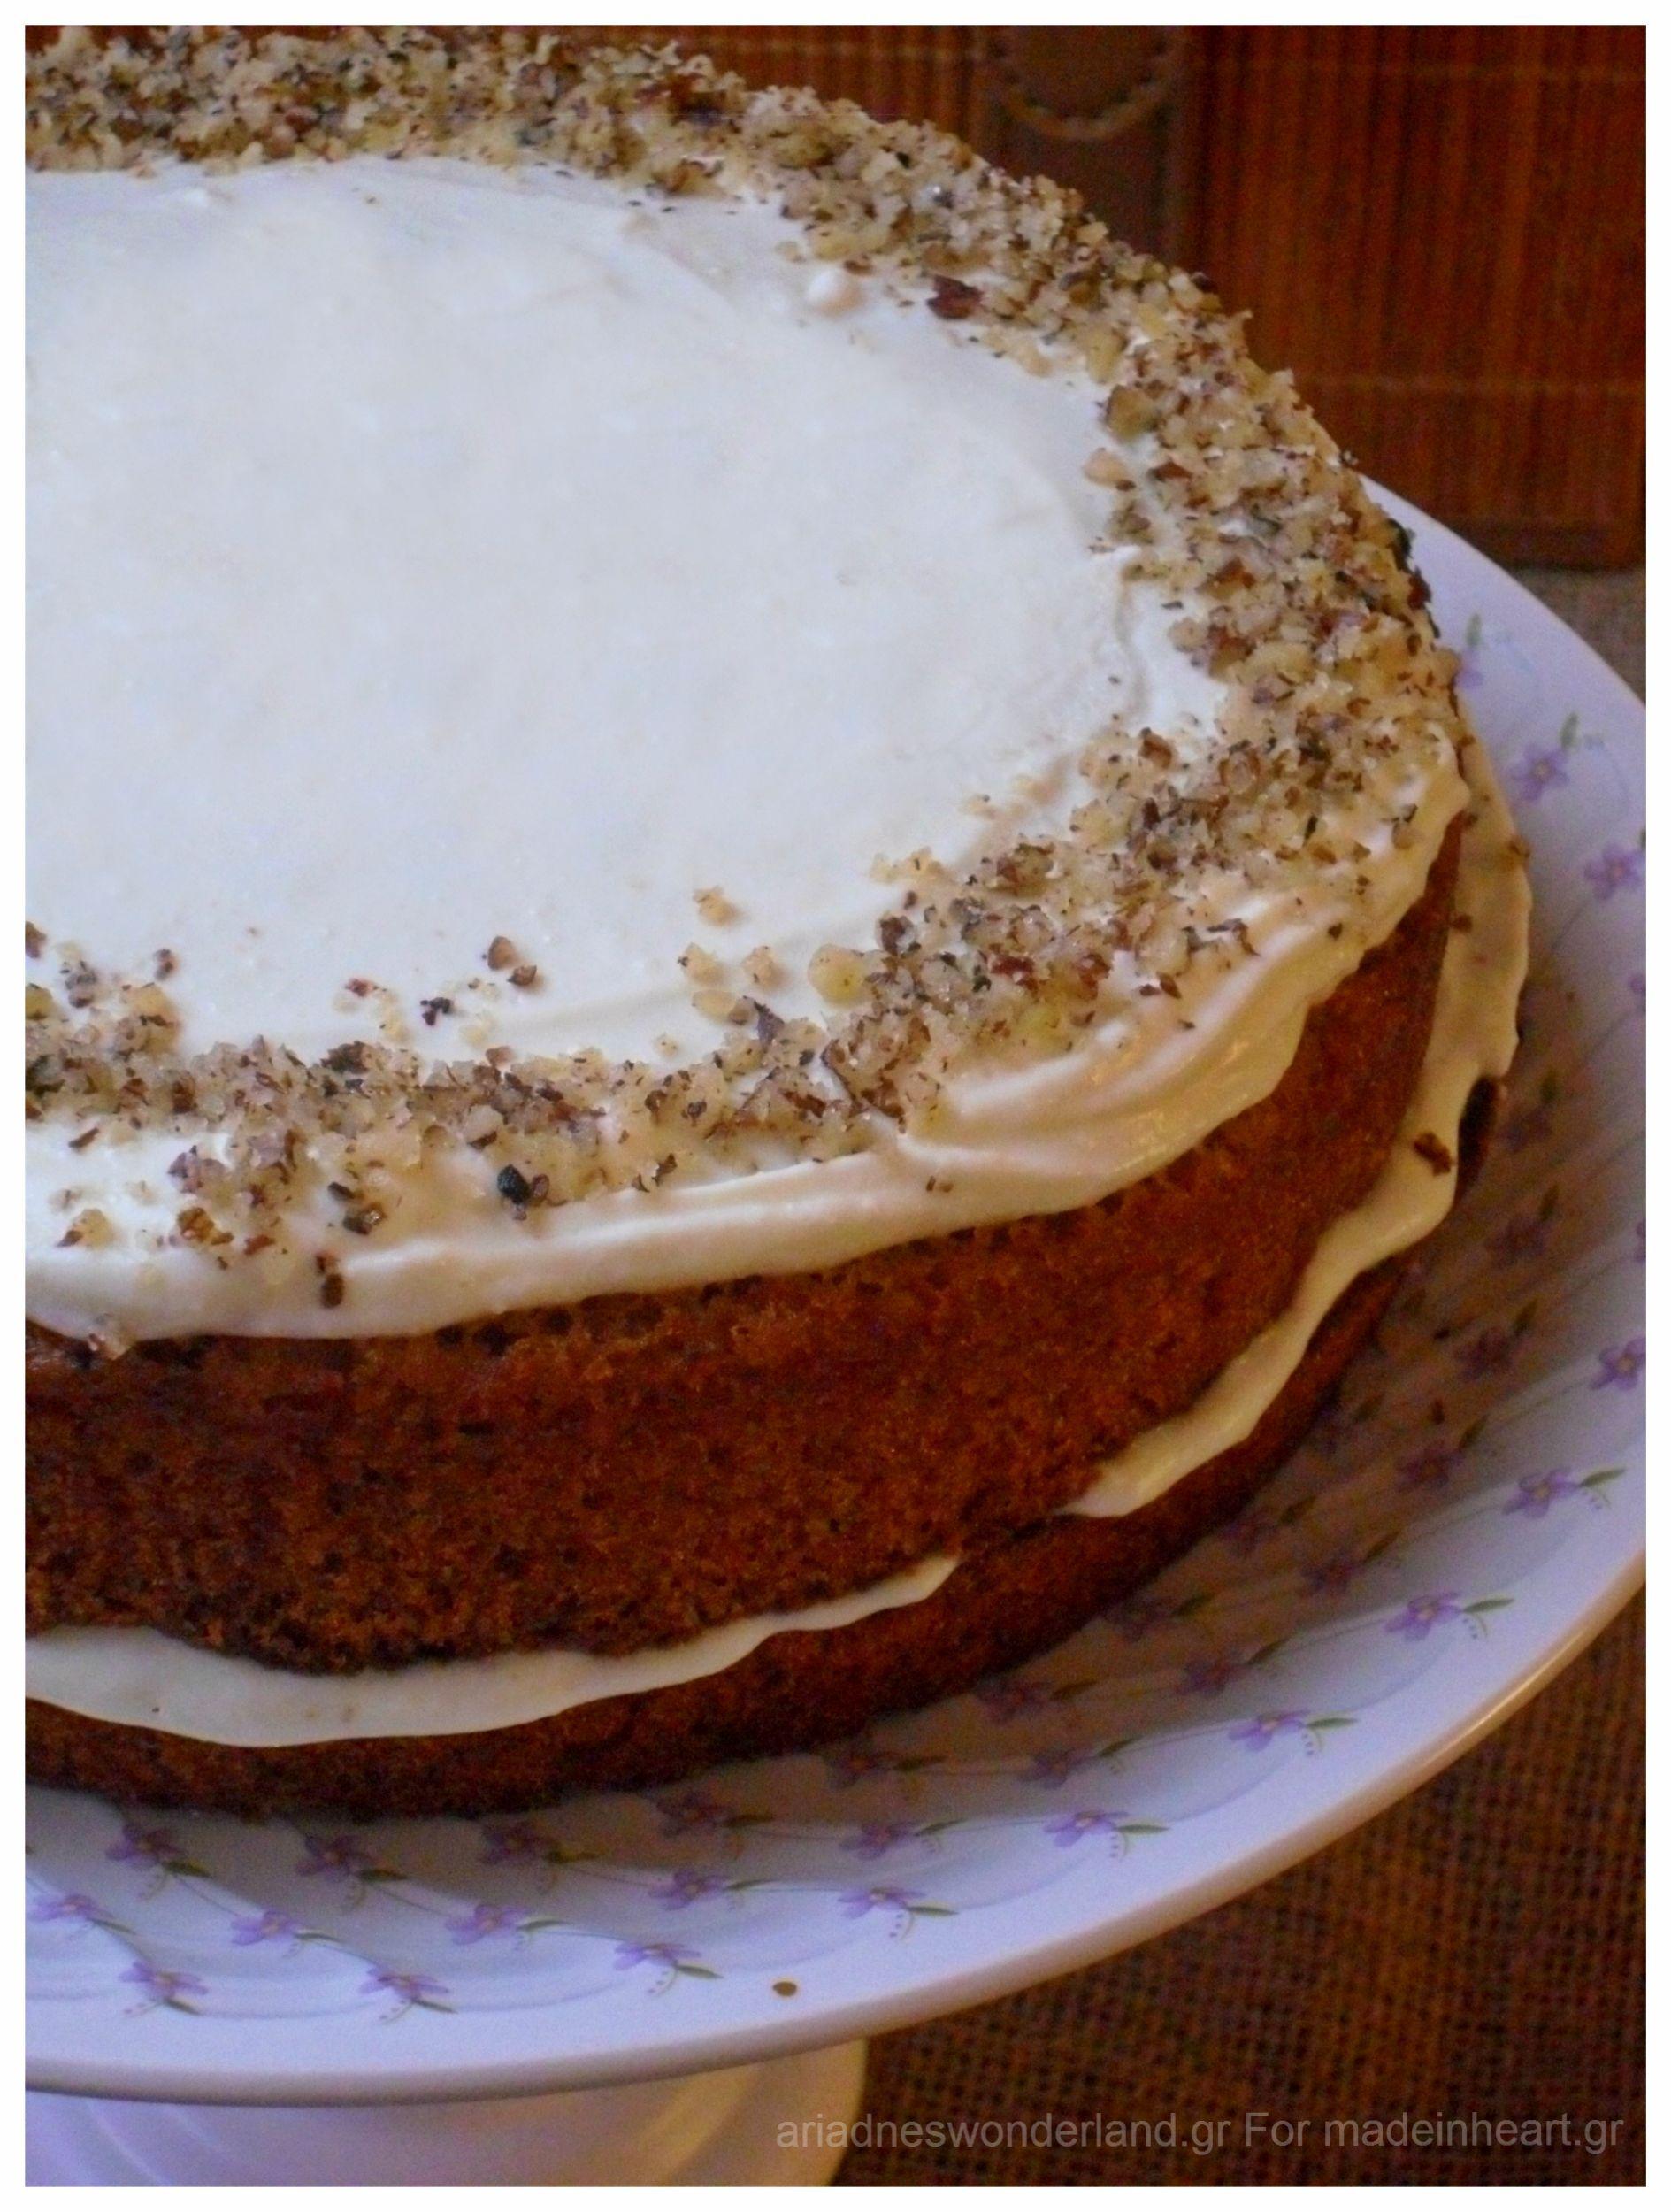 Κέικ καρότου με γλάσο ανθότυρου,  αφερωμένο στα Ψαράκια μας!